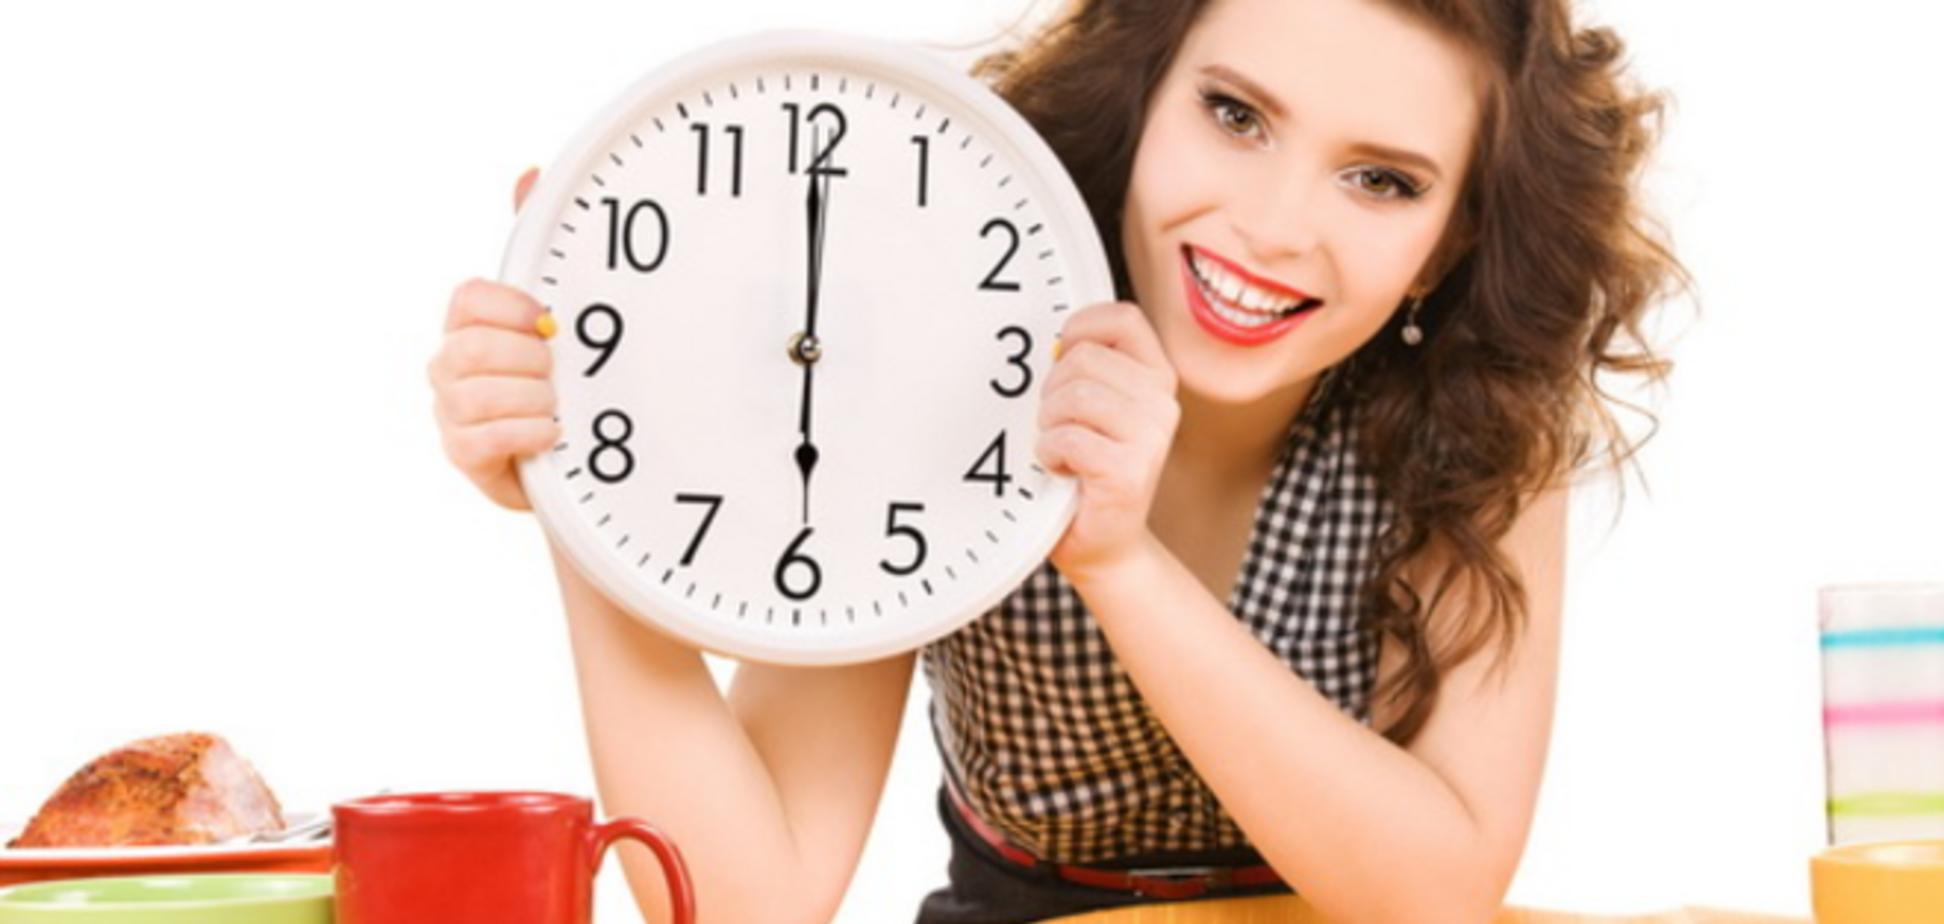 Как не есть после шести: психологические уловки, которые помогут похудеть